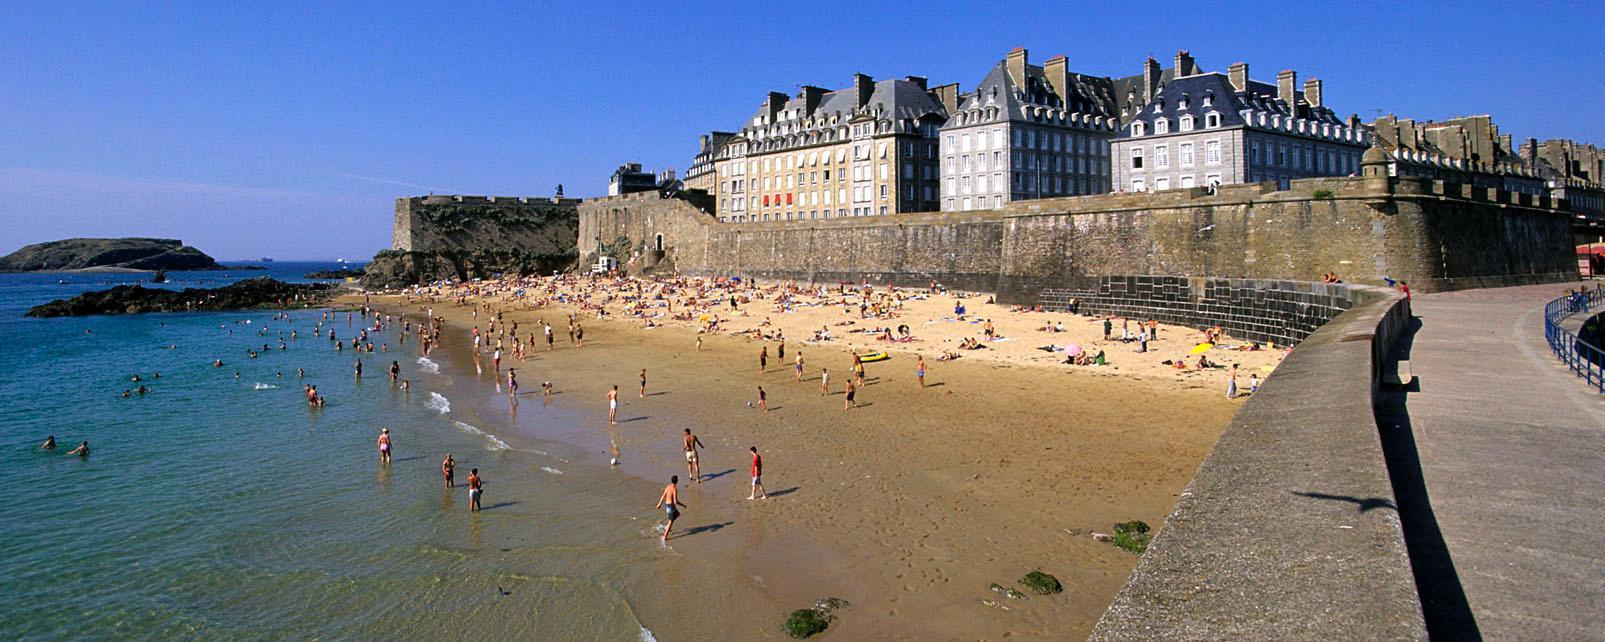 Villes  Ef Bf Bd St Malo